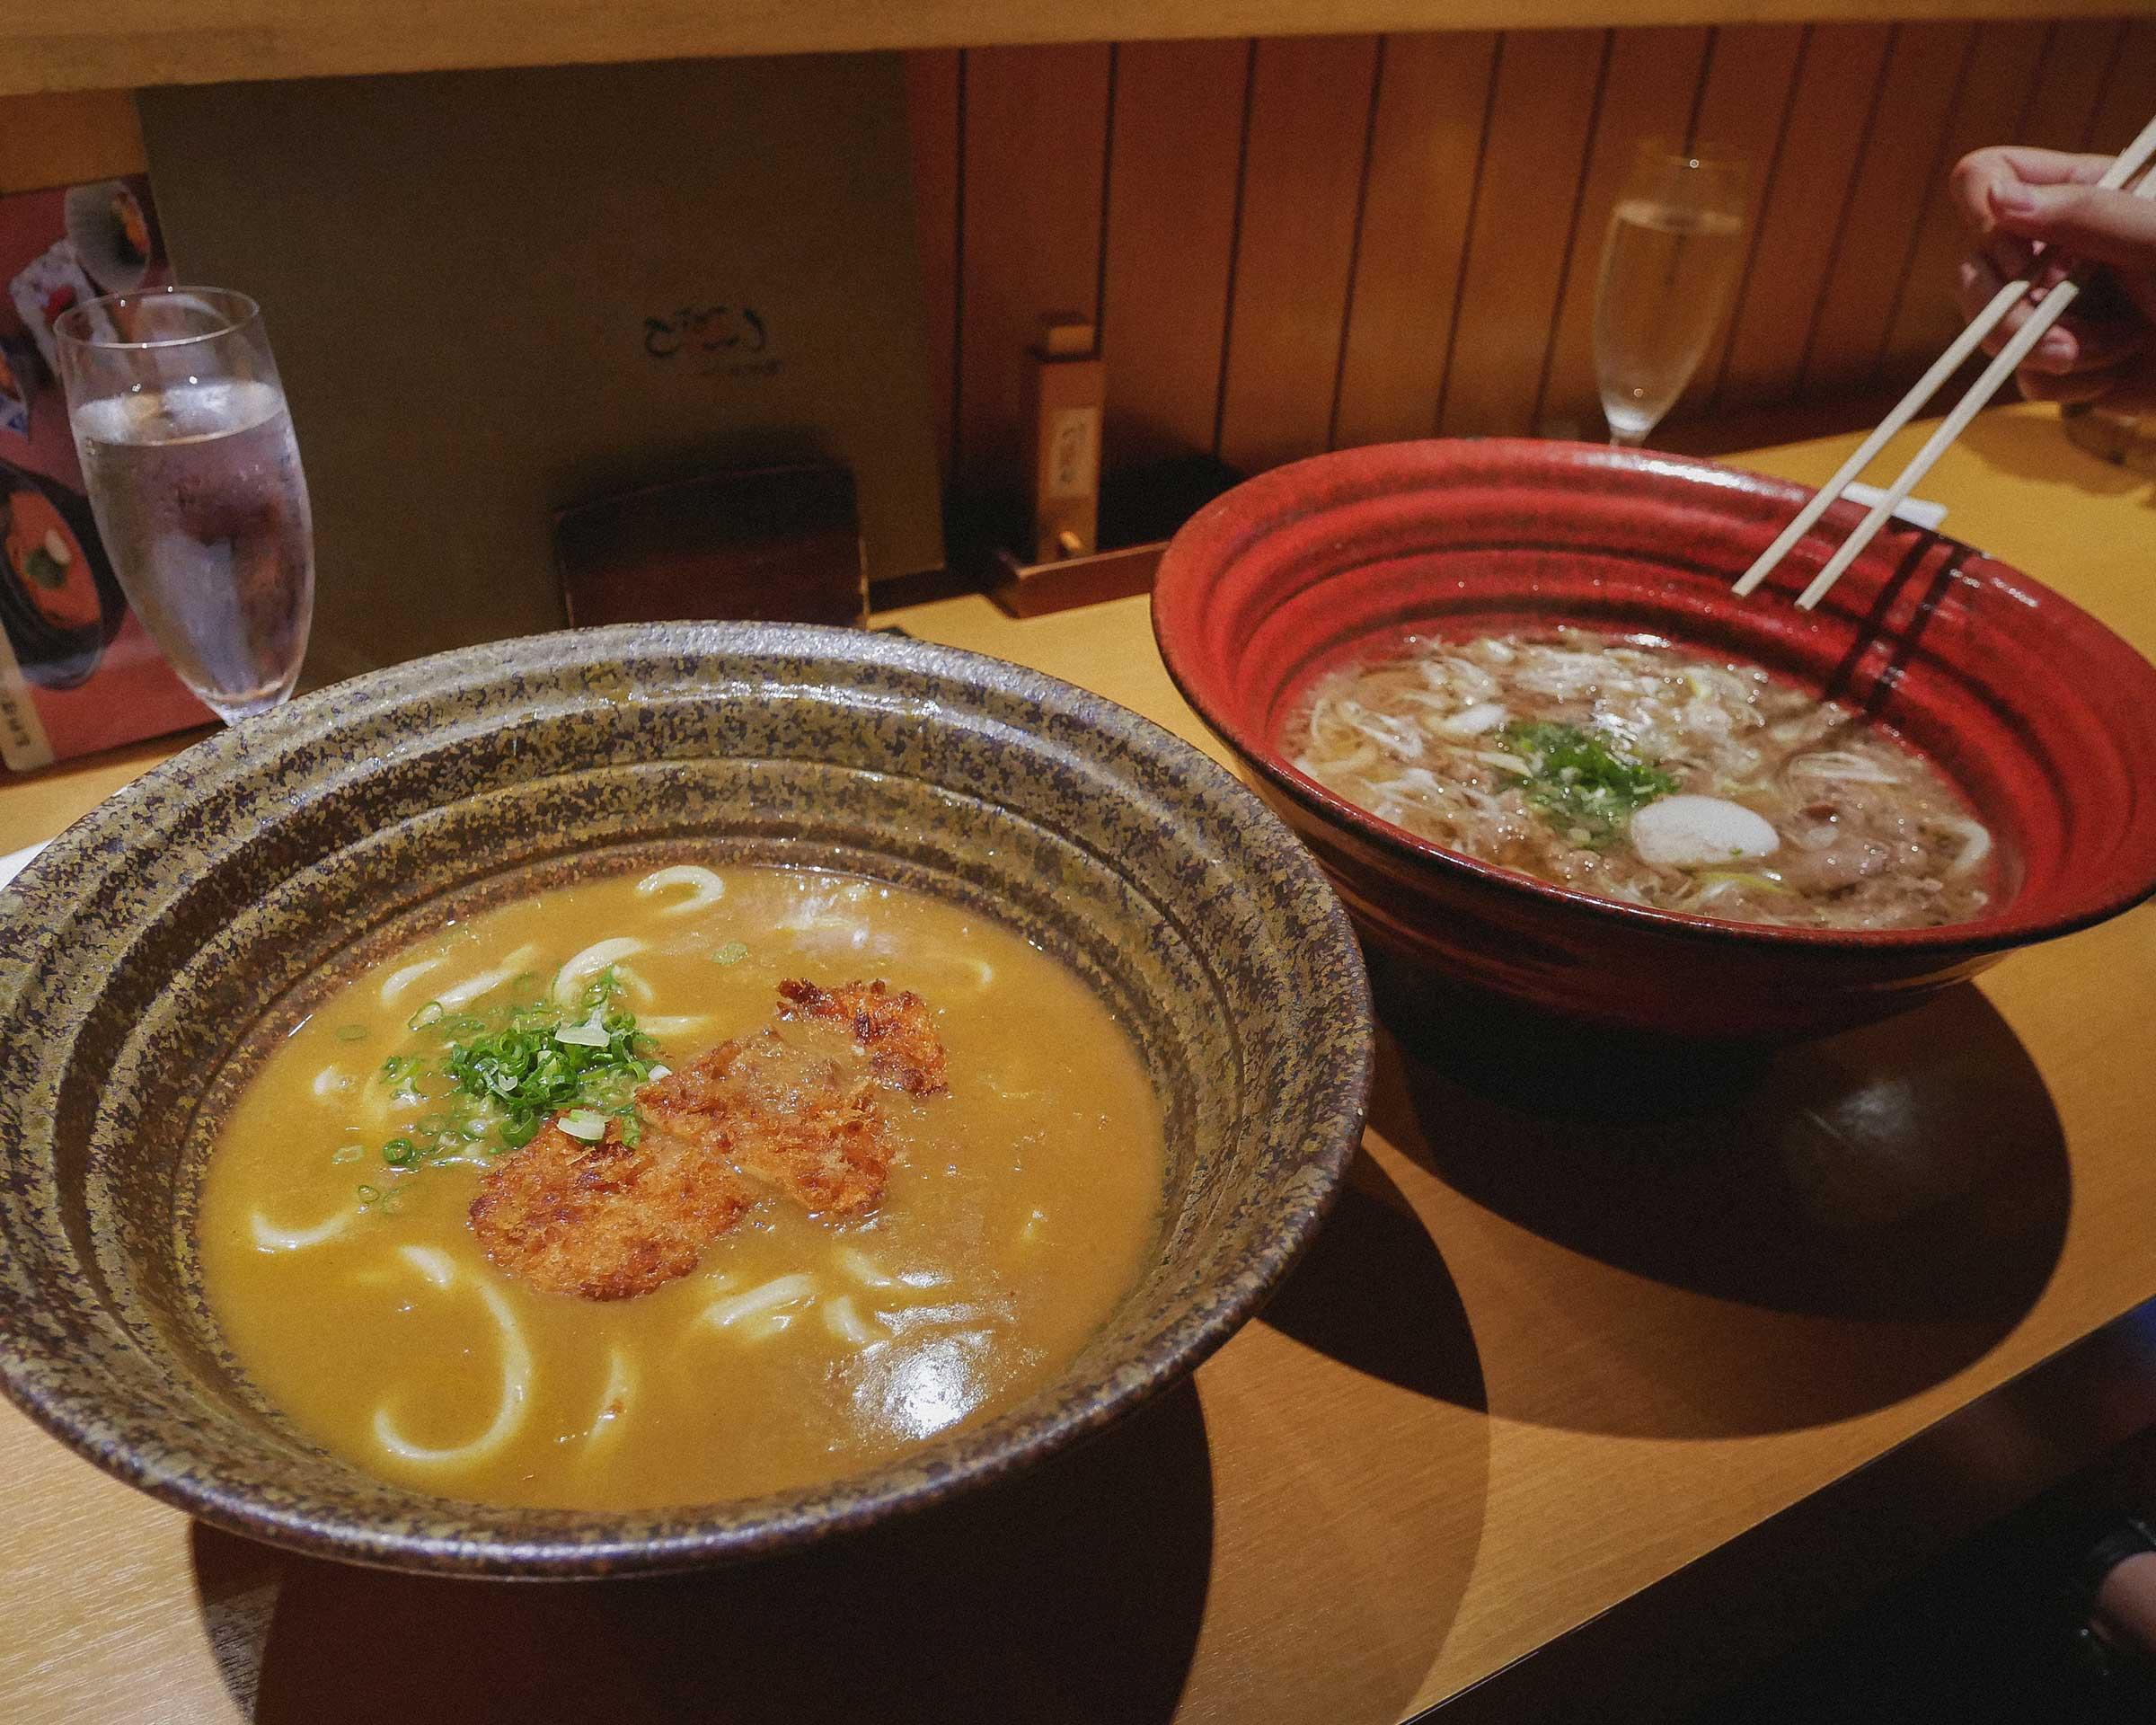 Our order of udon bowls at Tsuru Ton Tan